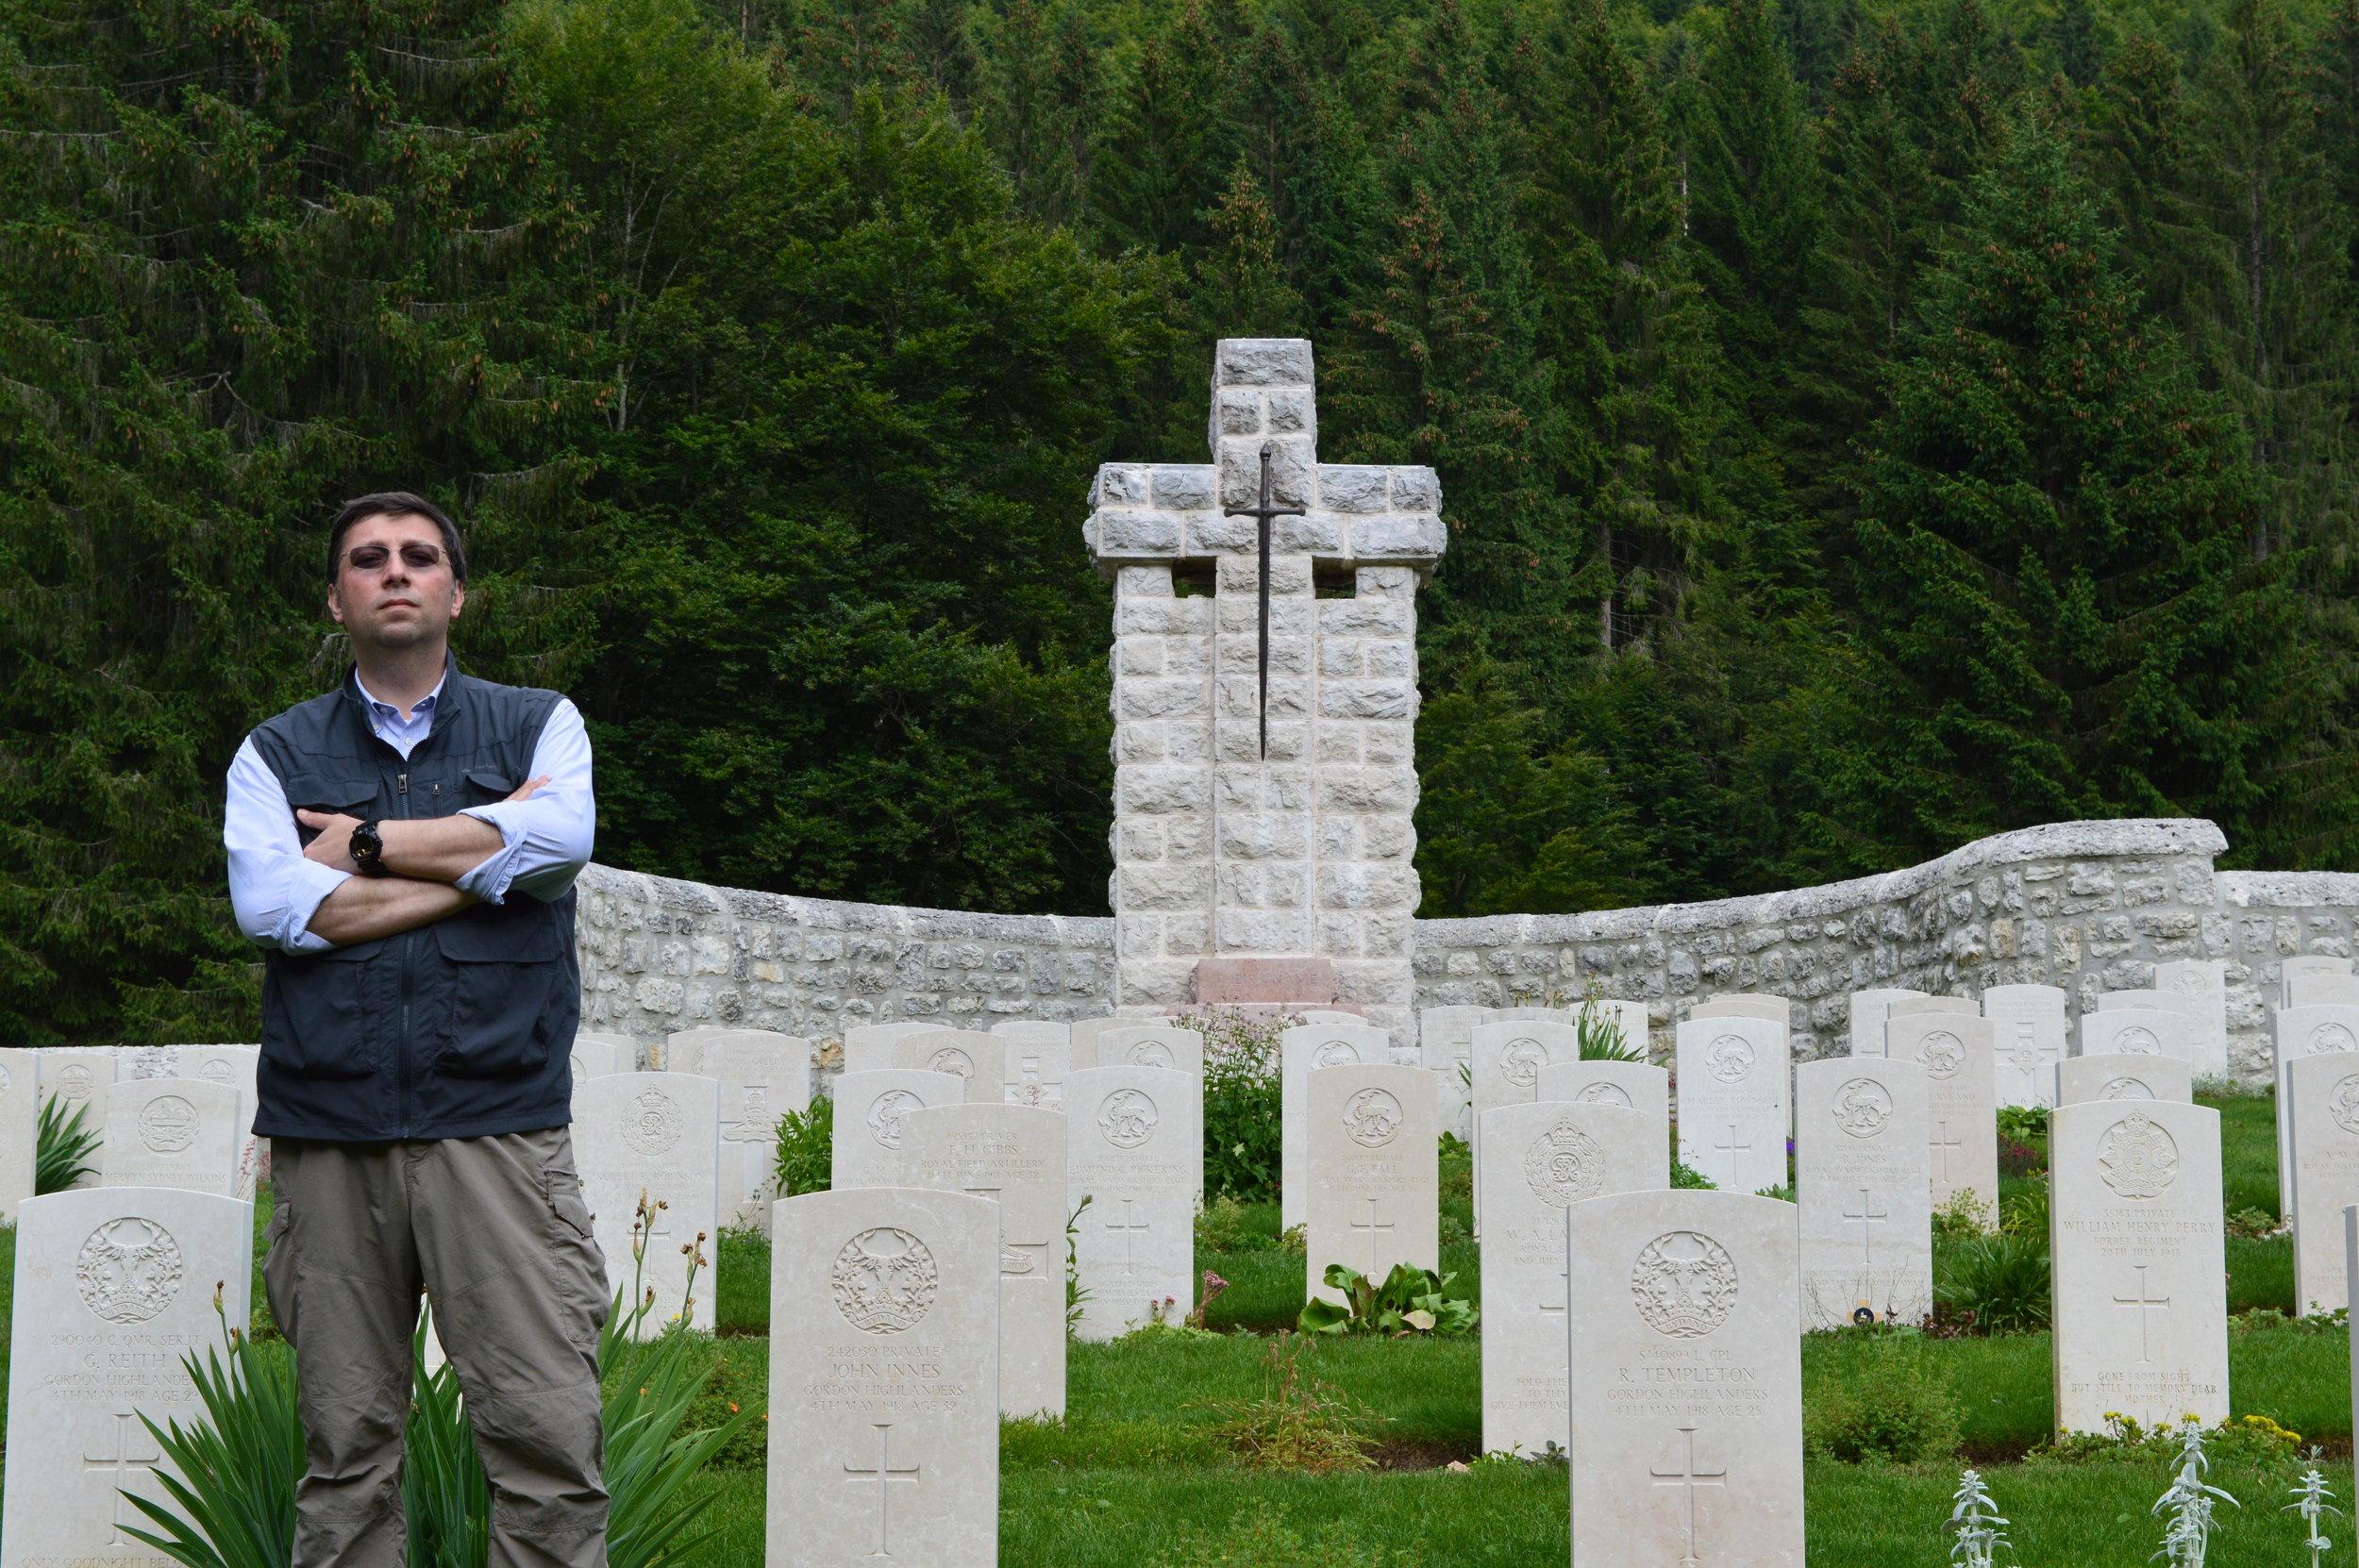 Una visita ai Caduti in occasione del Centenario della Battaglia sull'Altopiano del 15 giugno 1918